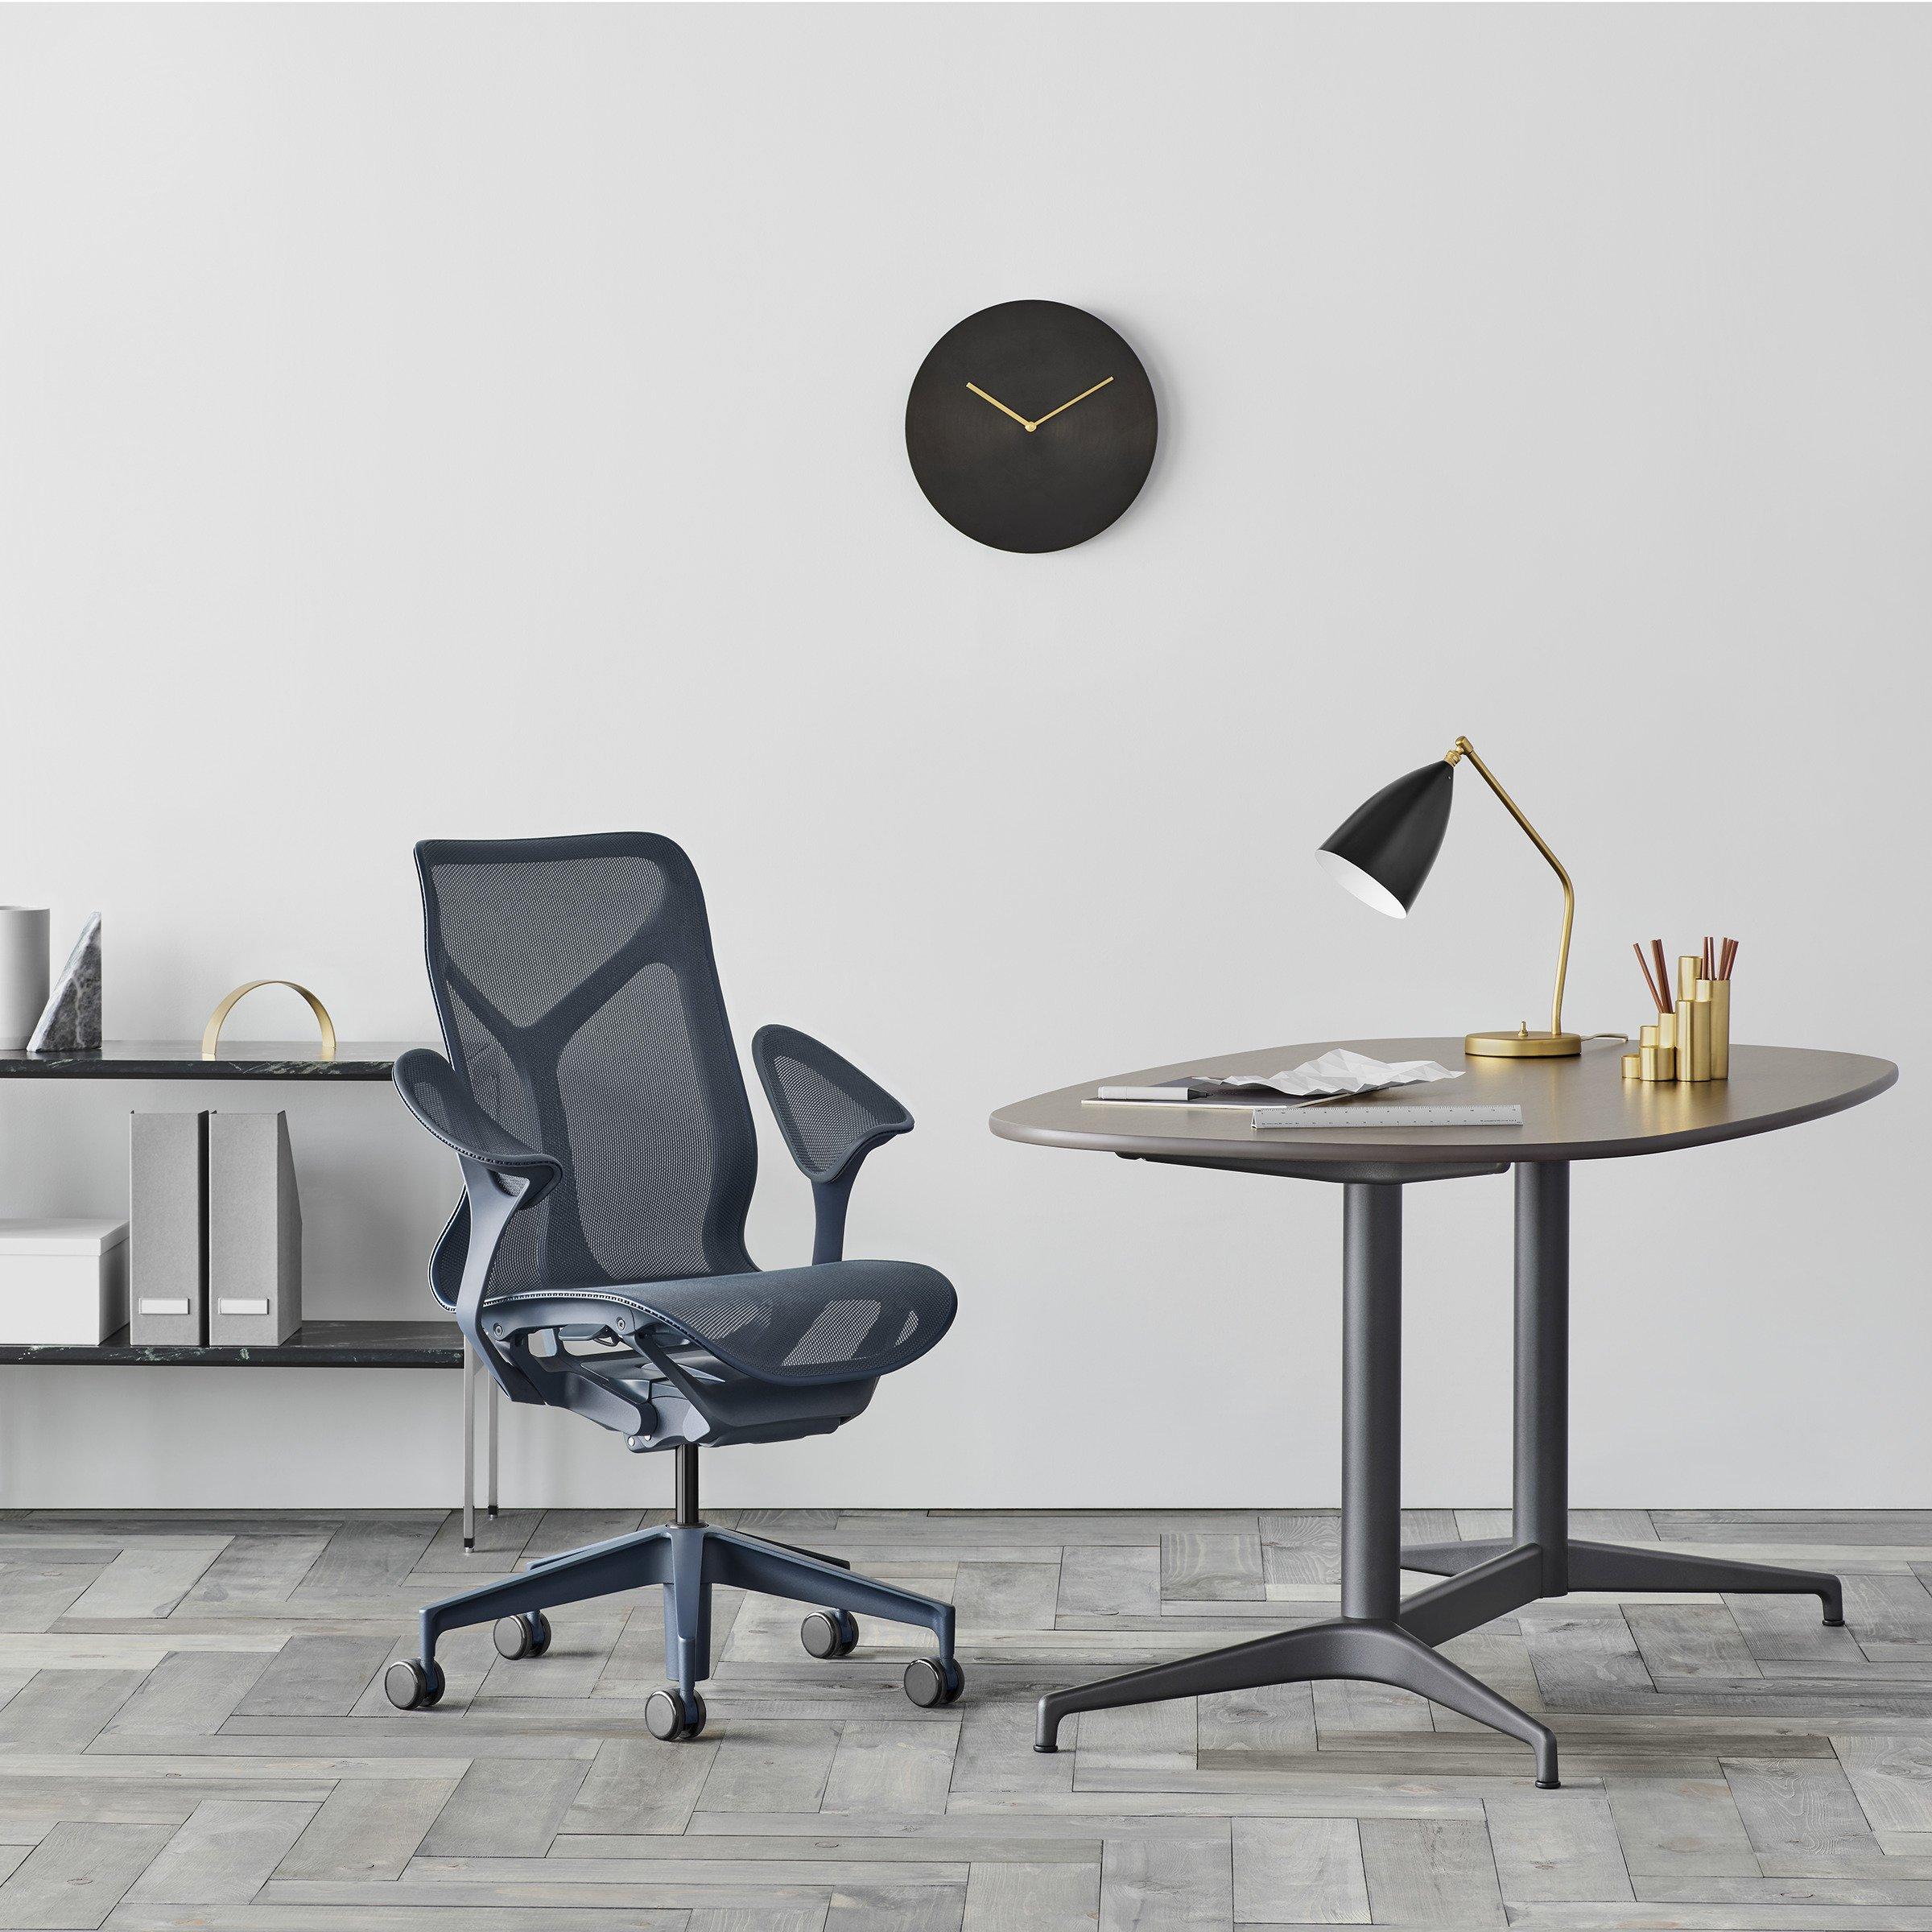 cadeira cosm ergonomia no trabalho home office